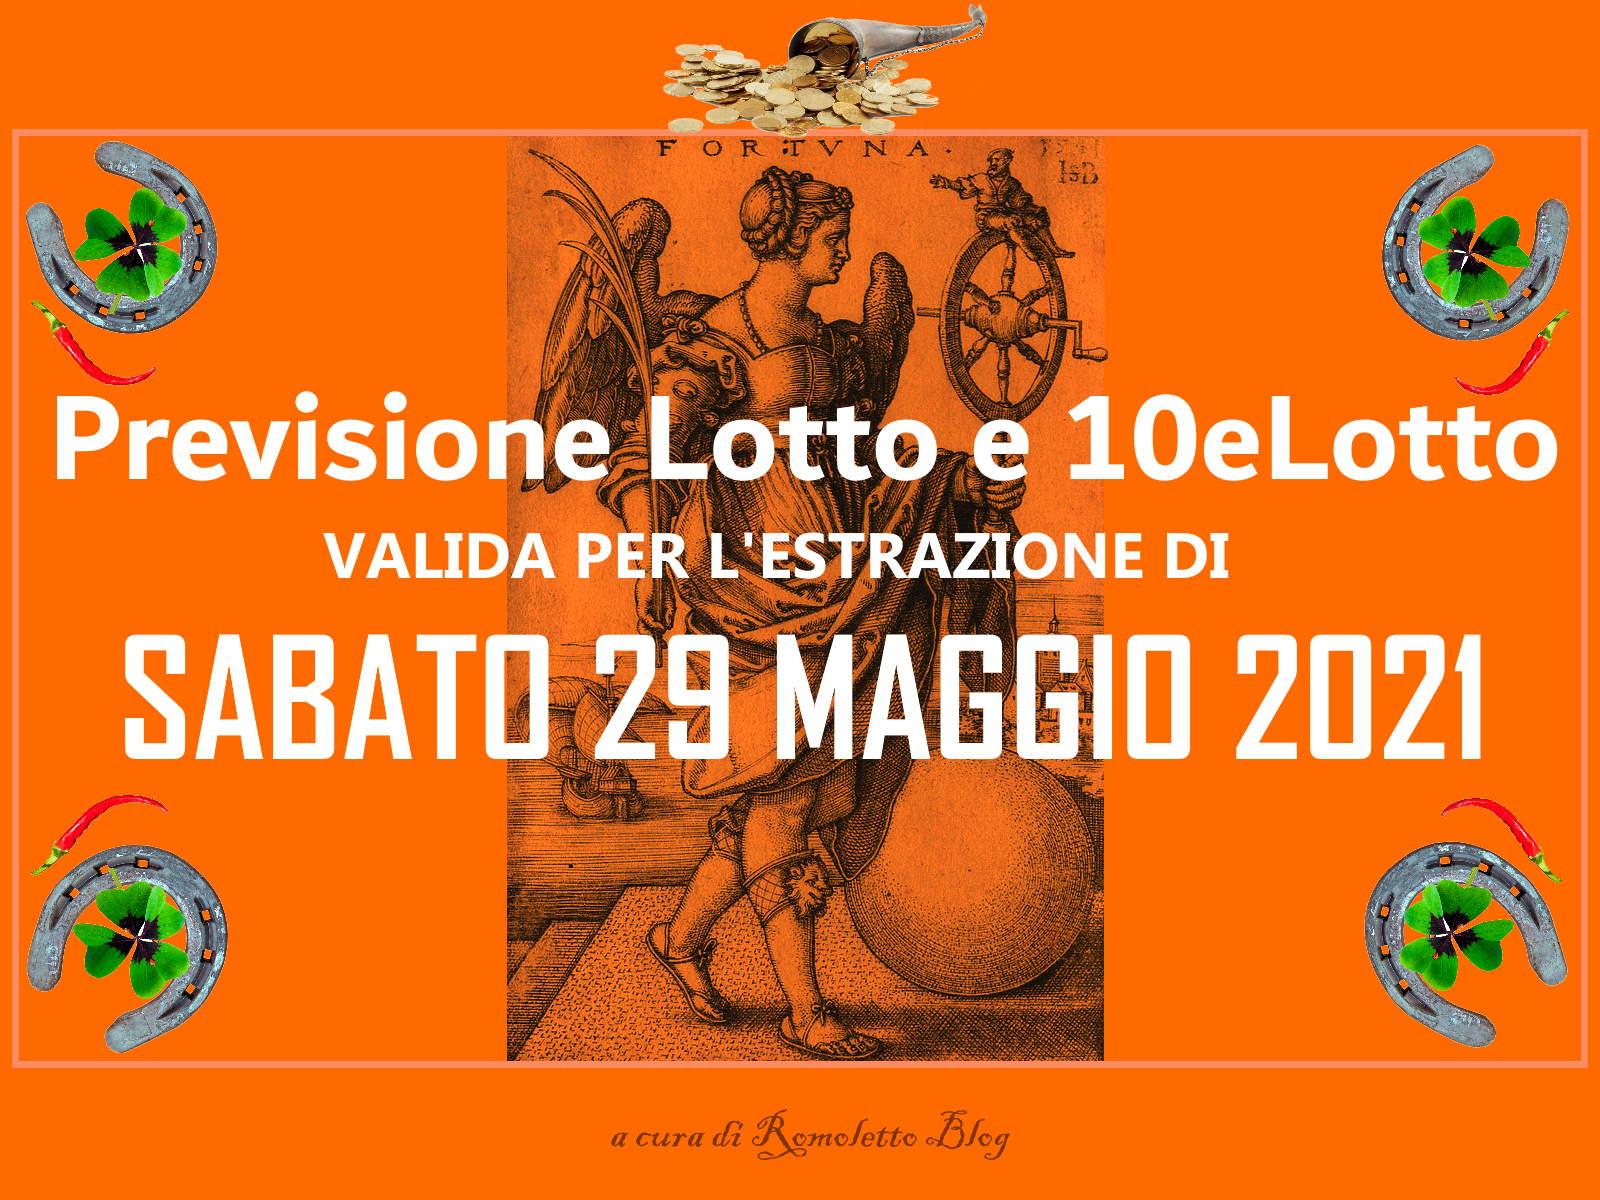 Previsione Lotto 29 Maggio 2021